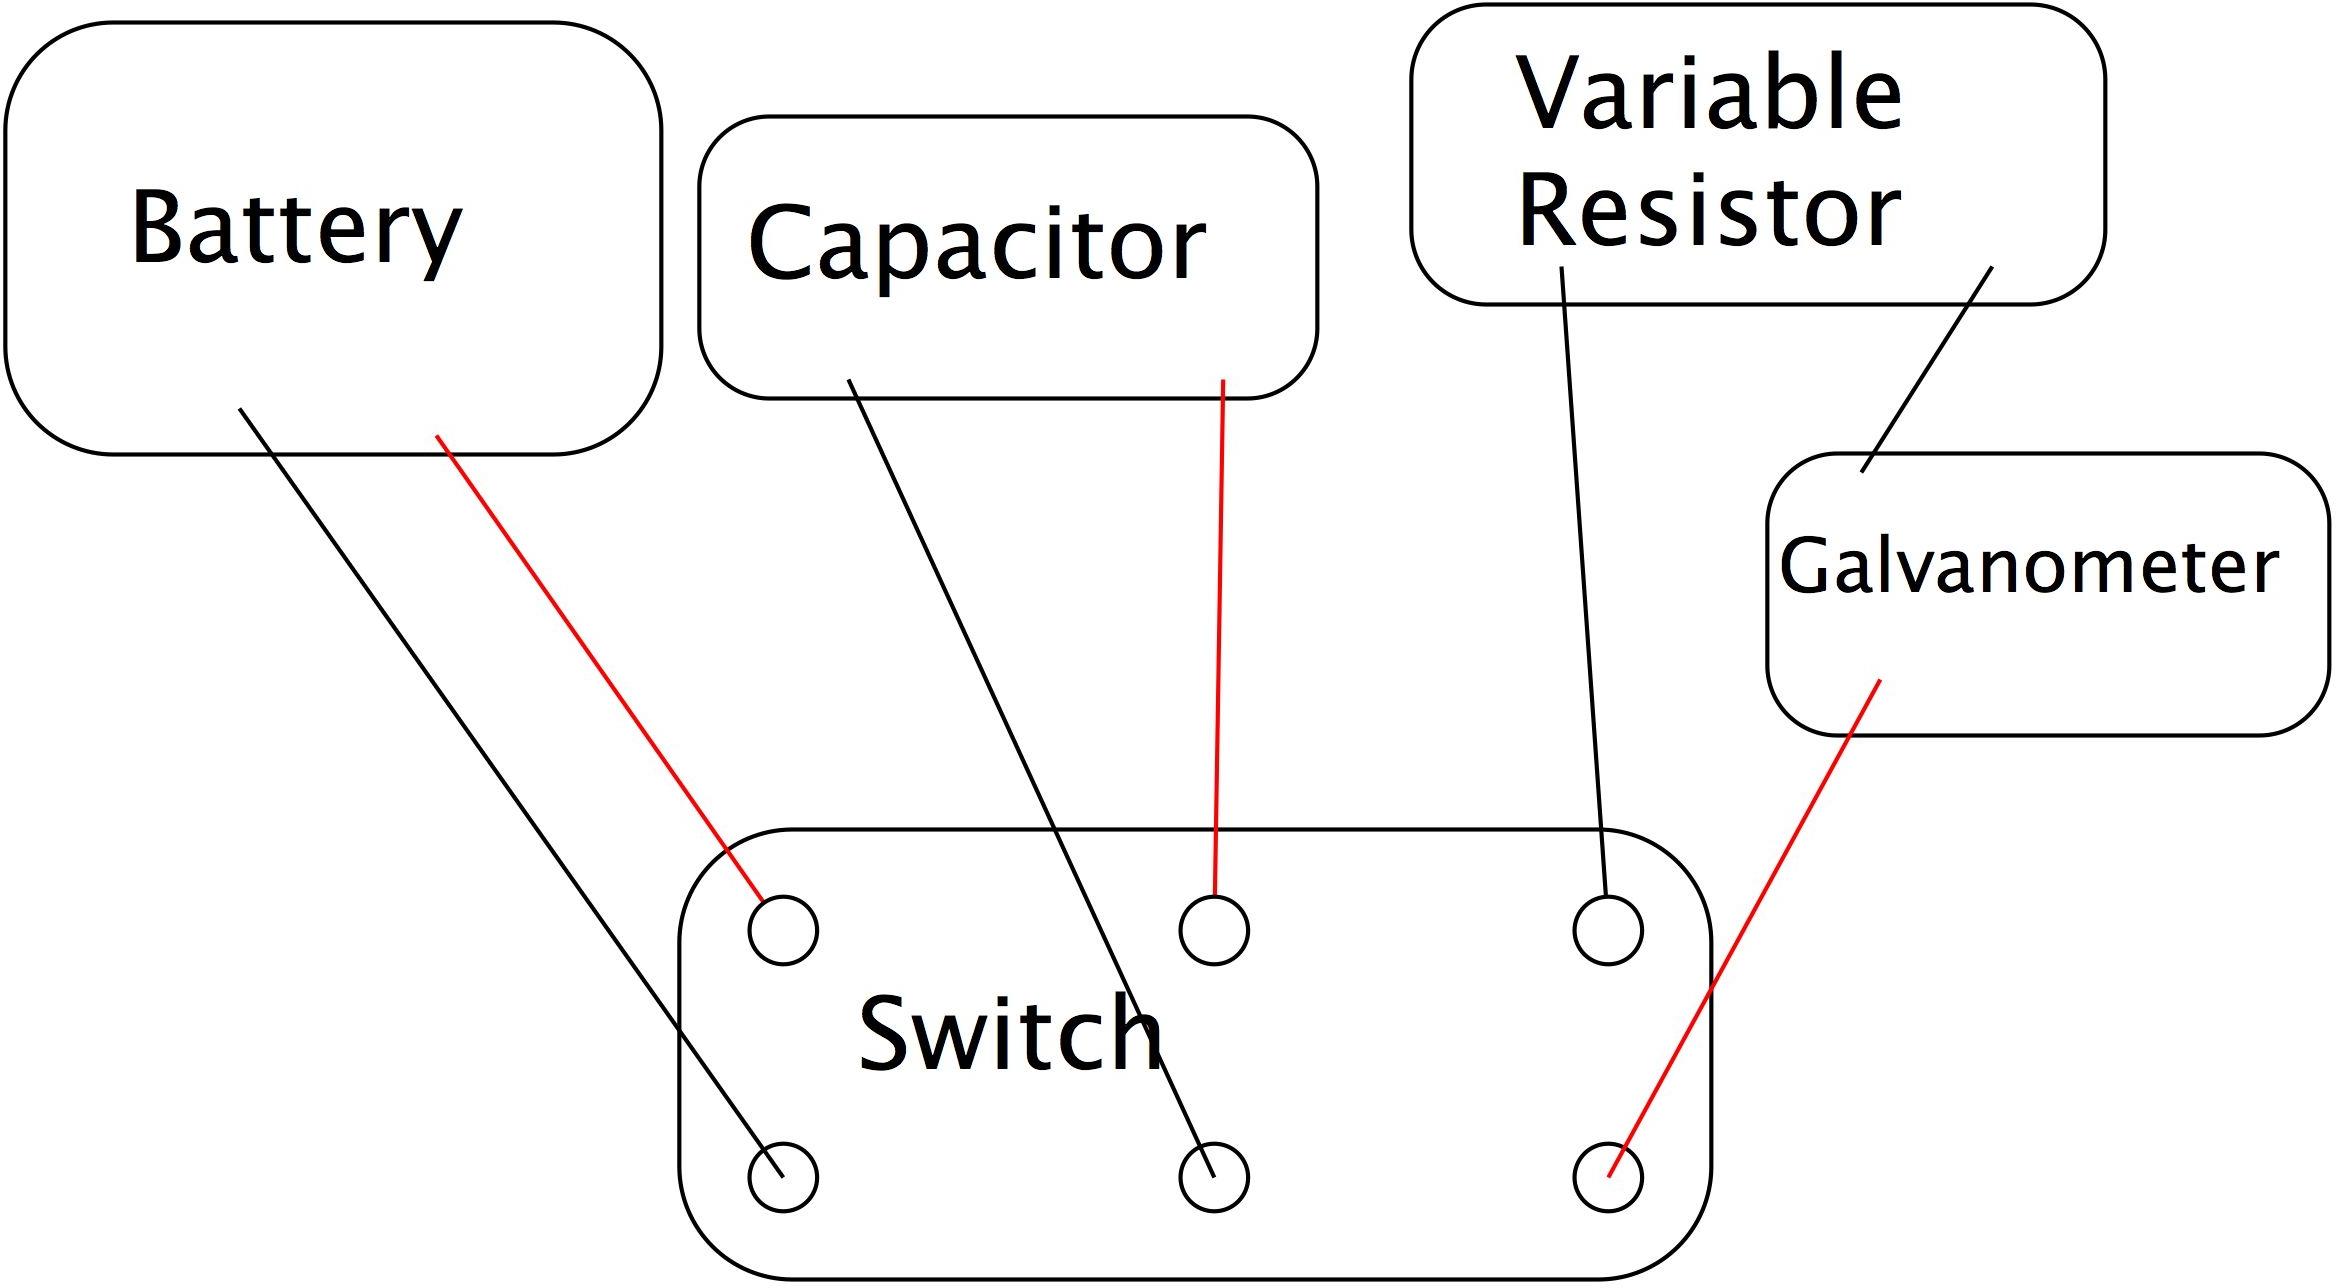 resistor circuit diagram square d shunt trip breaker wiring variable